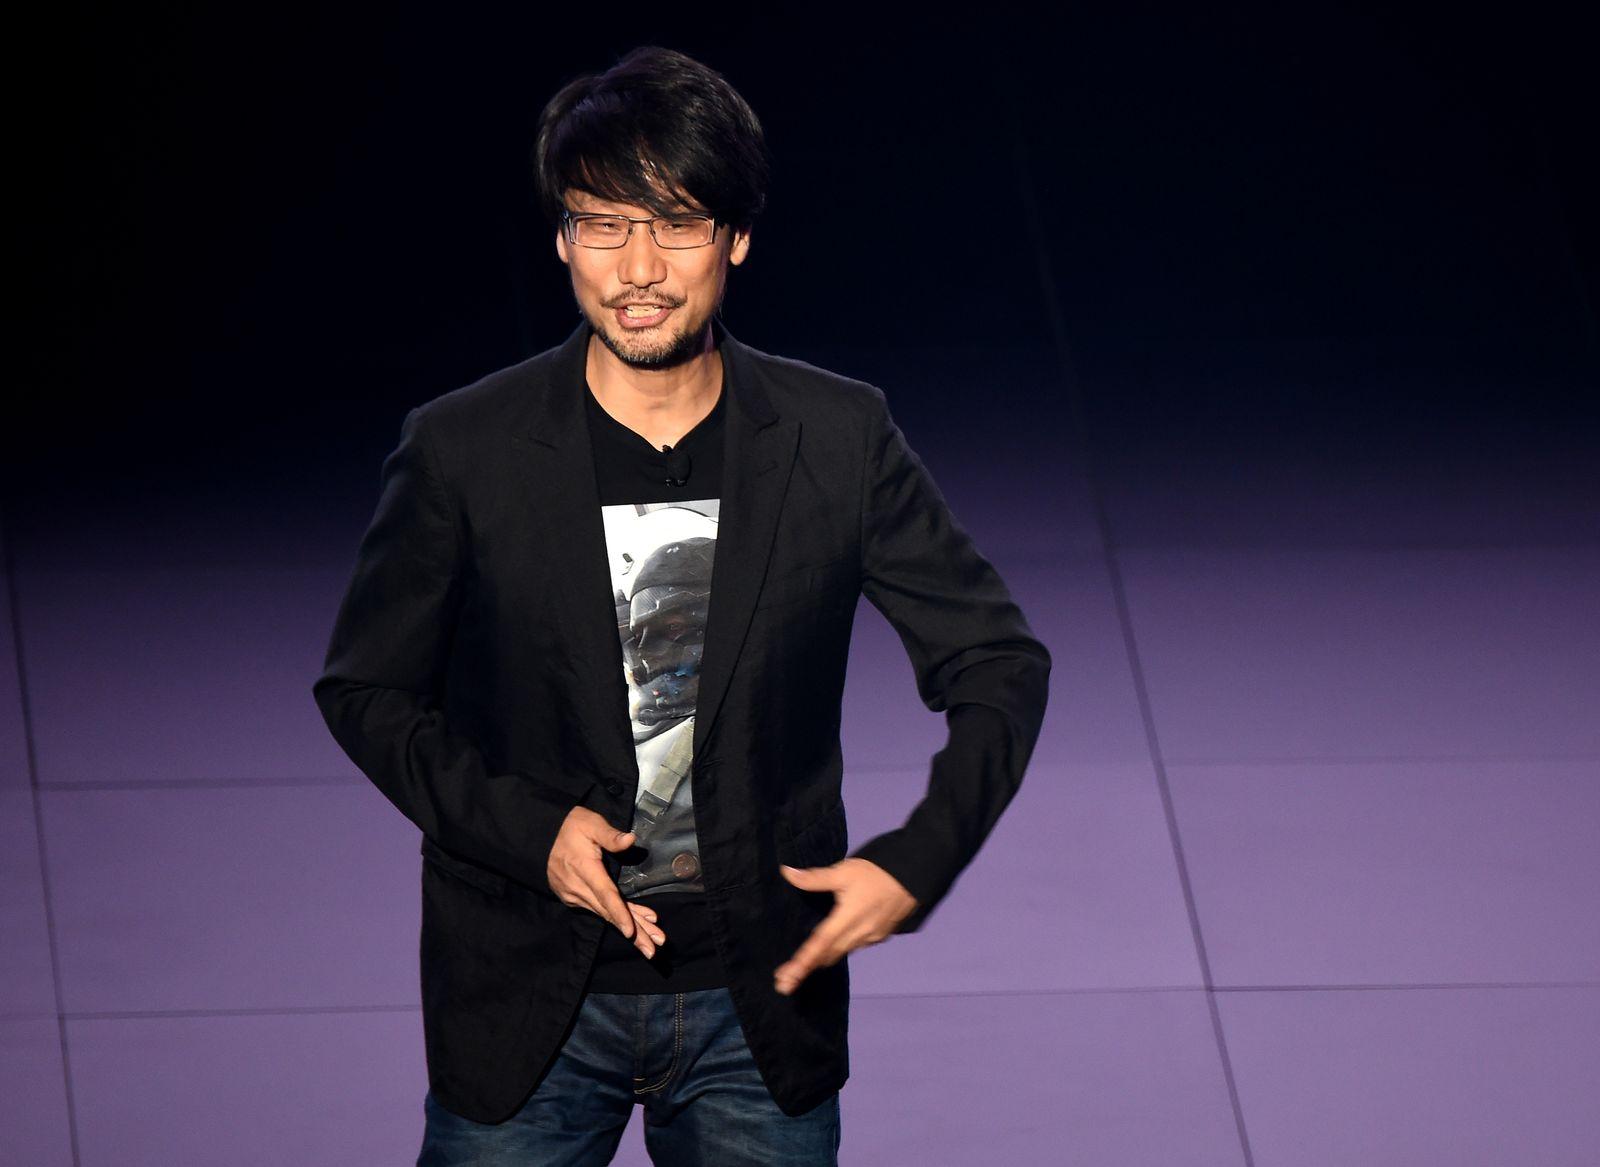 Netzwelt/ E3 2018/ Hideo Kojima